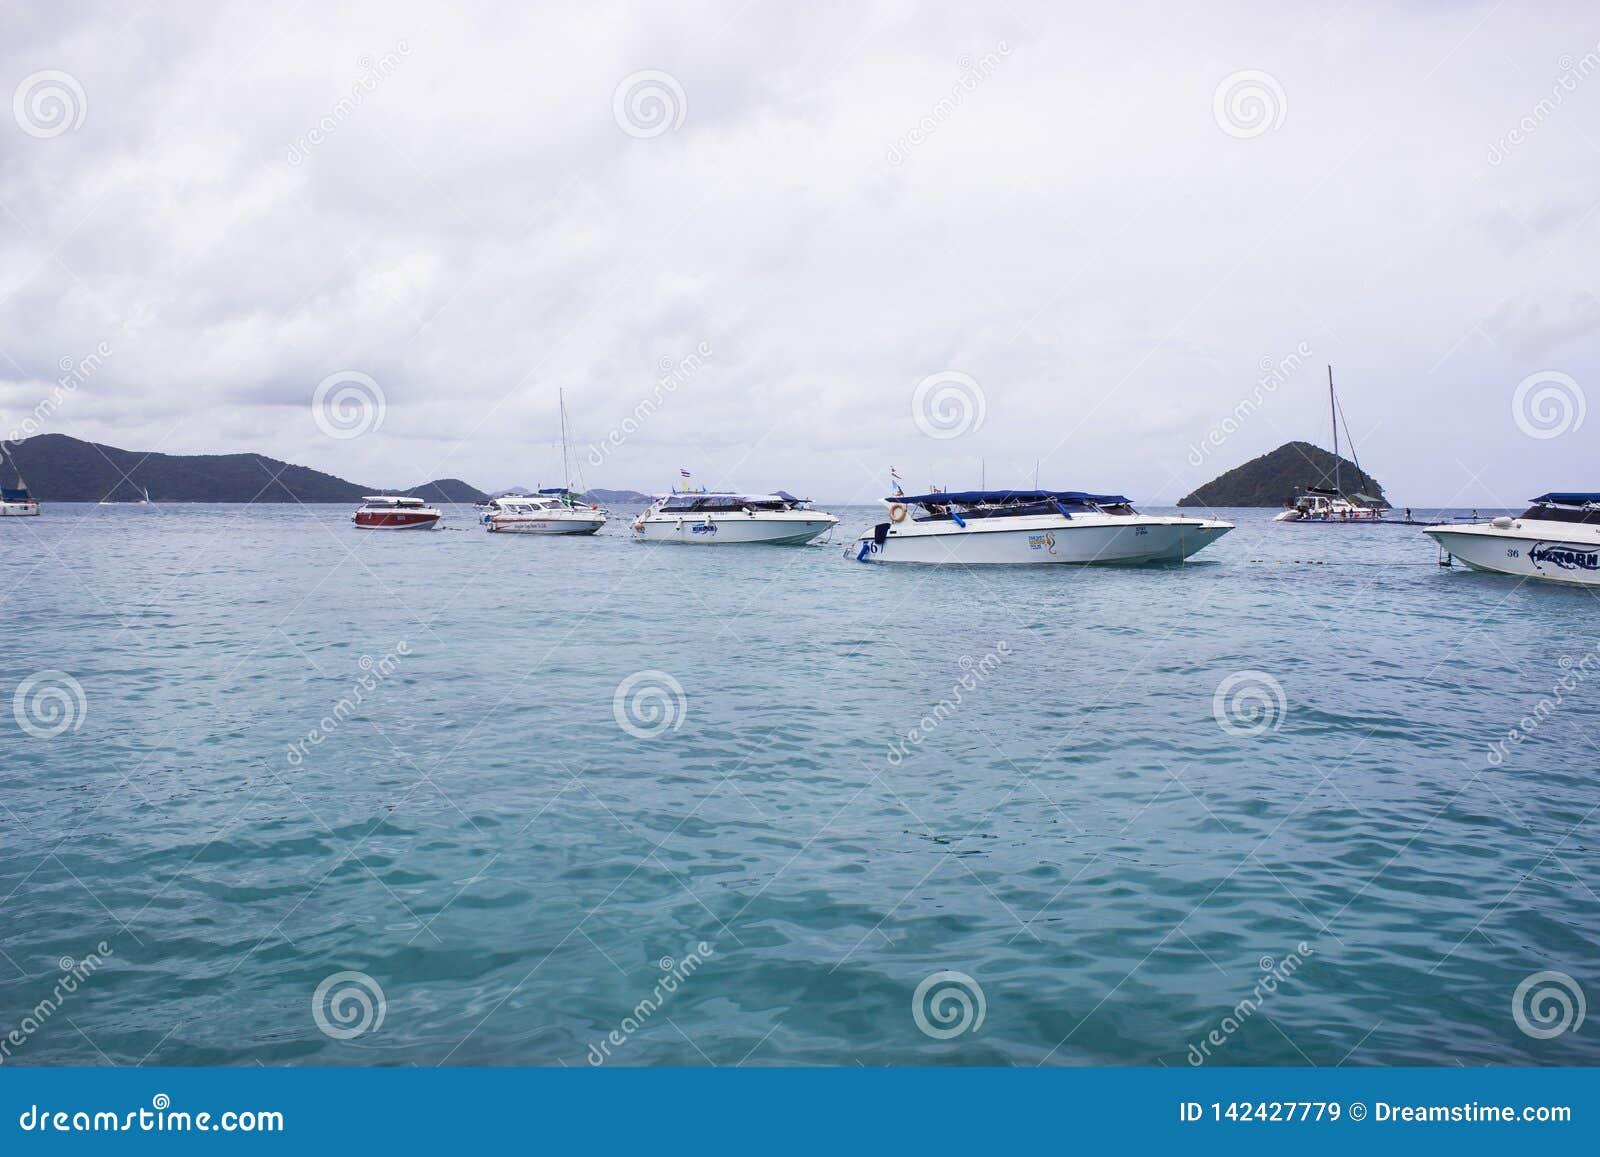 Żaglówka w morzu w obłocznej niebo dnia błękitne wody